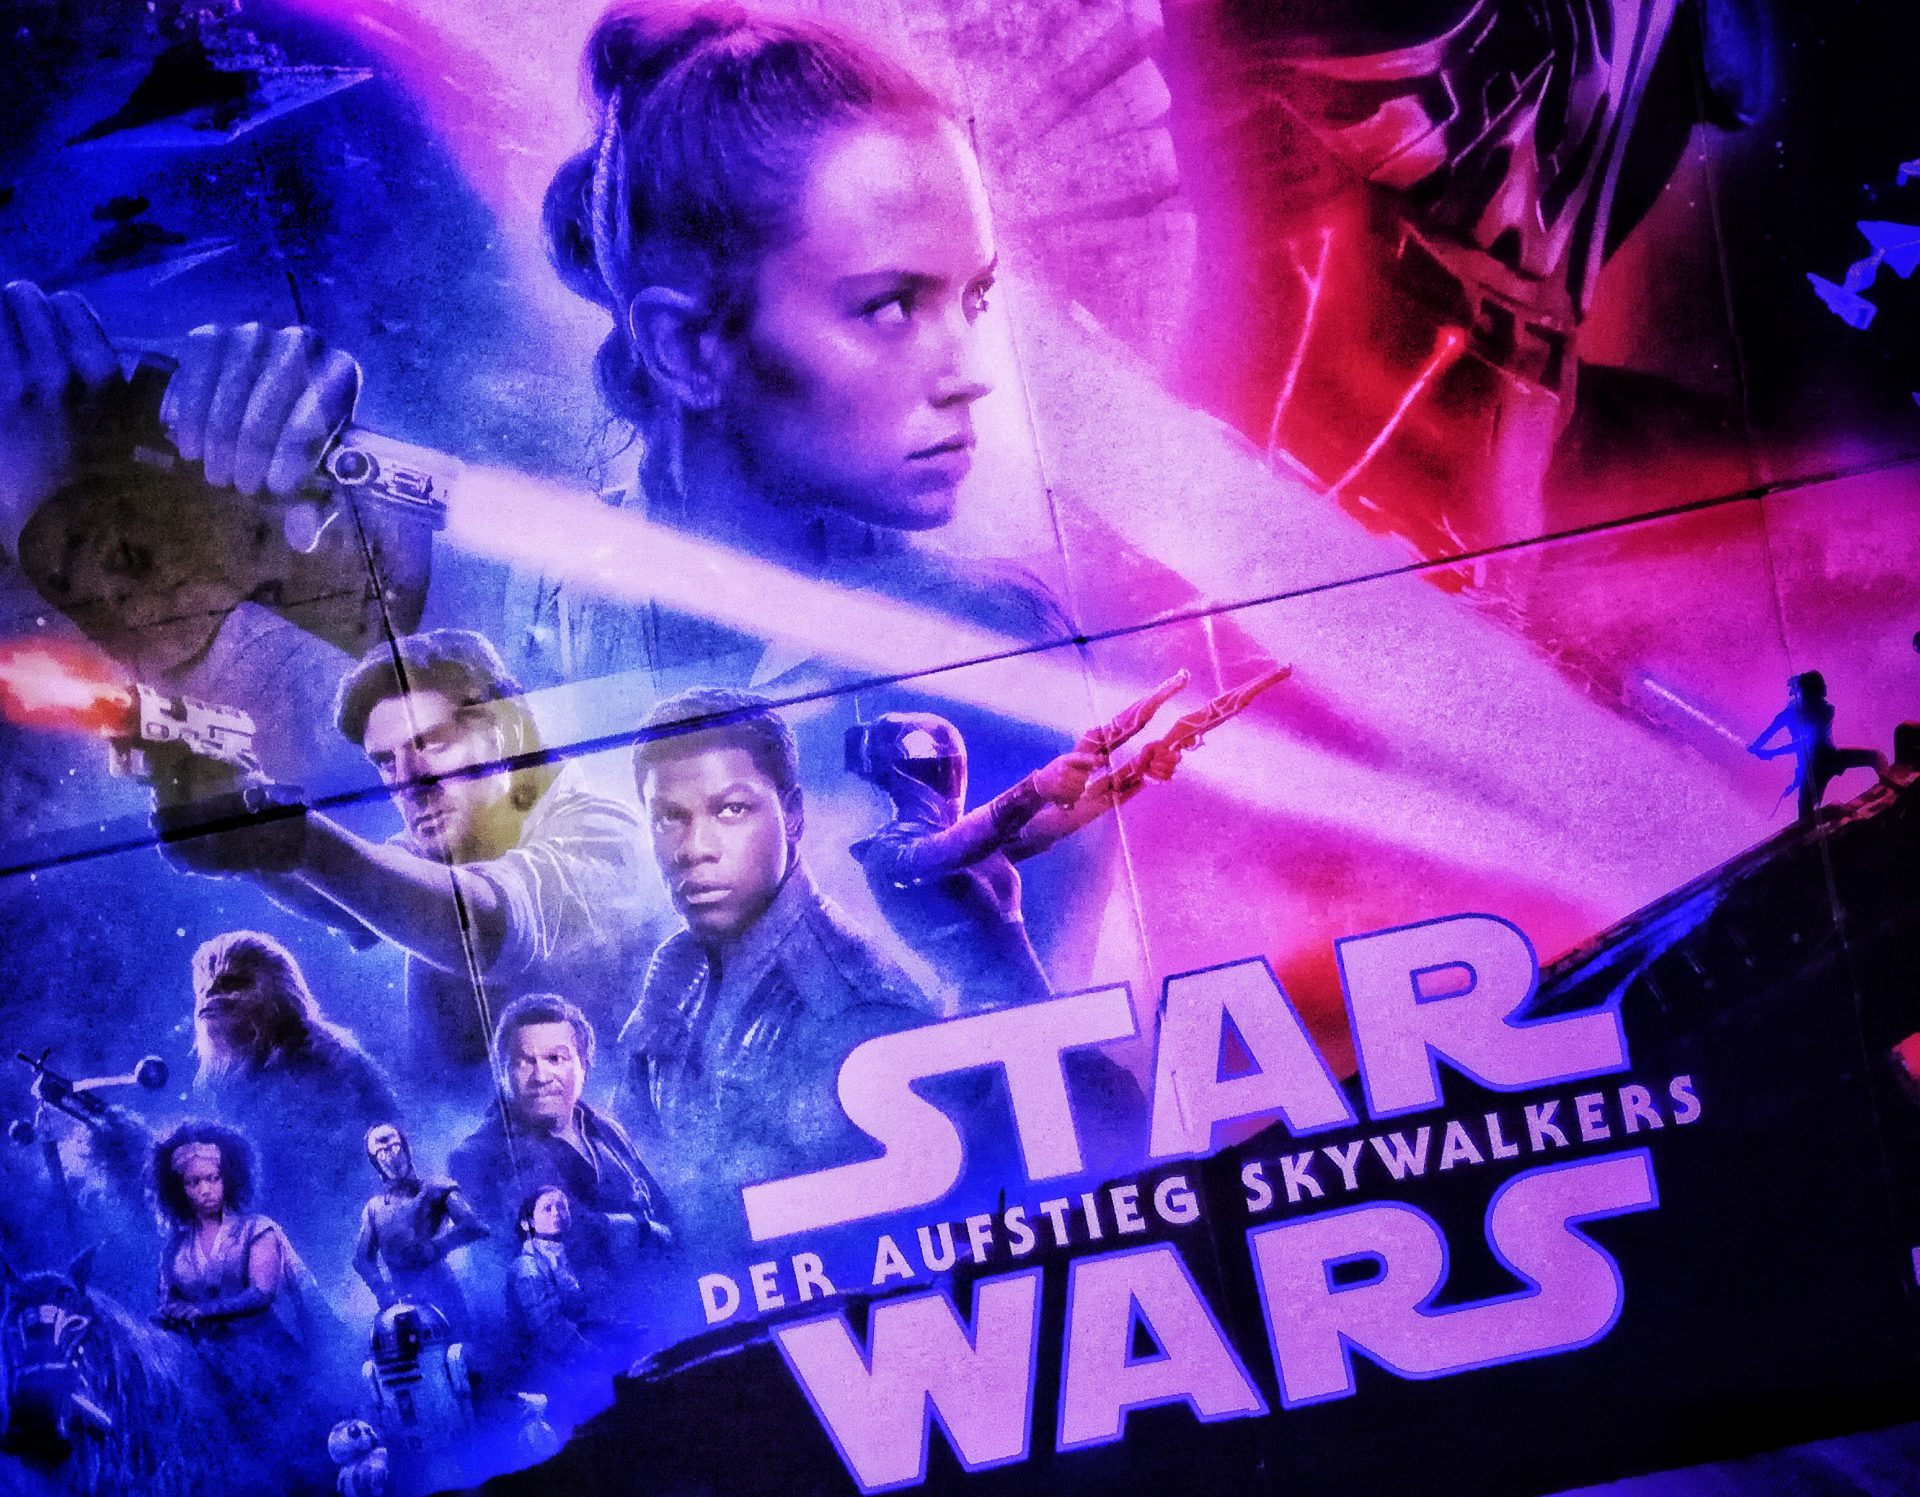 Star Wars: Der Aufstieg Skywalkers – Der Abstieg einer Saga